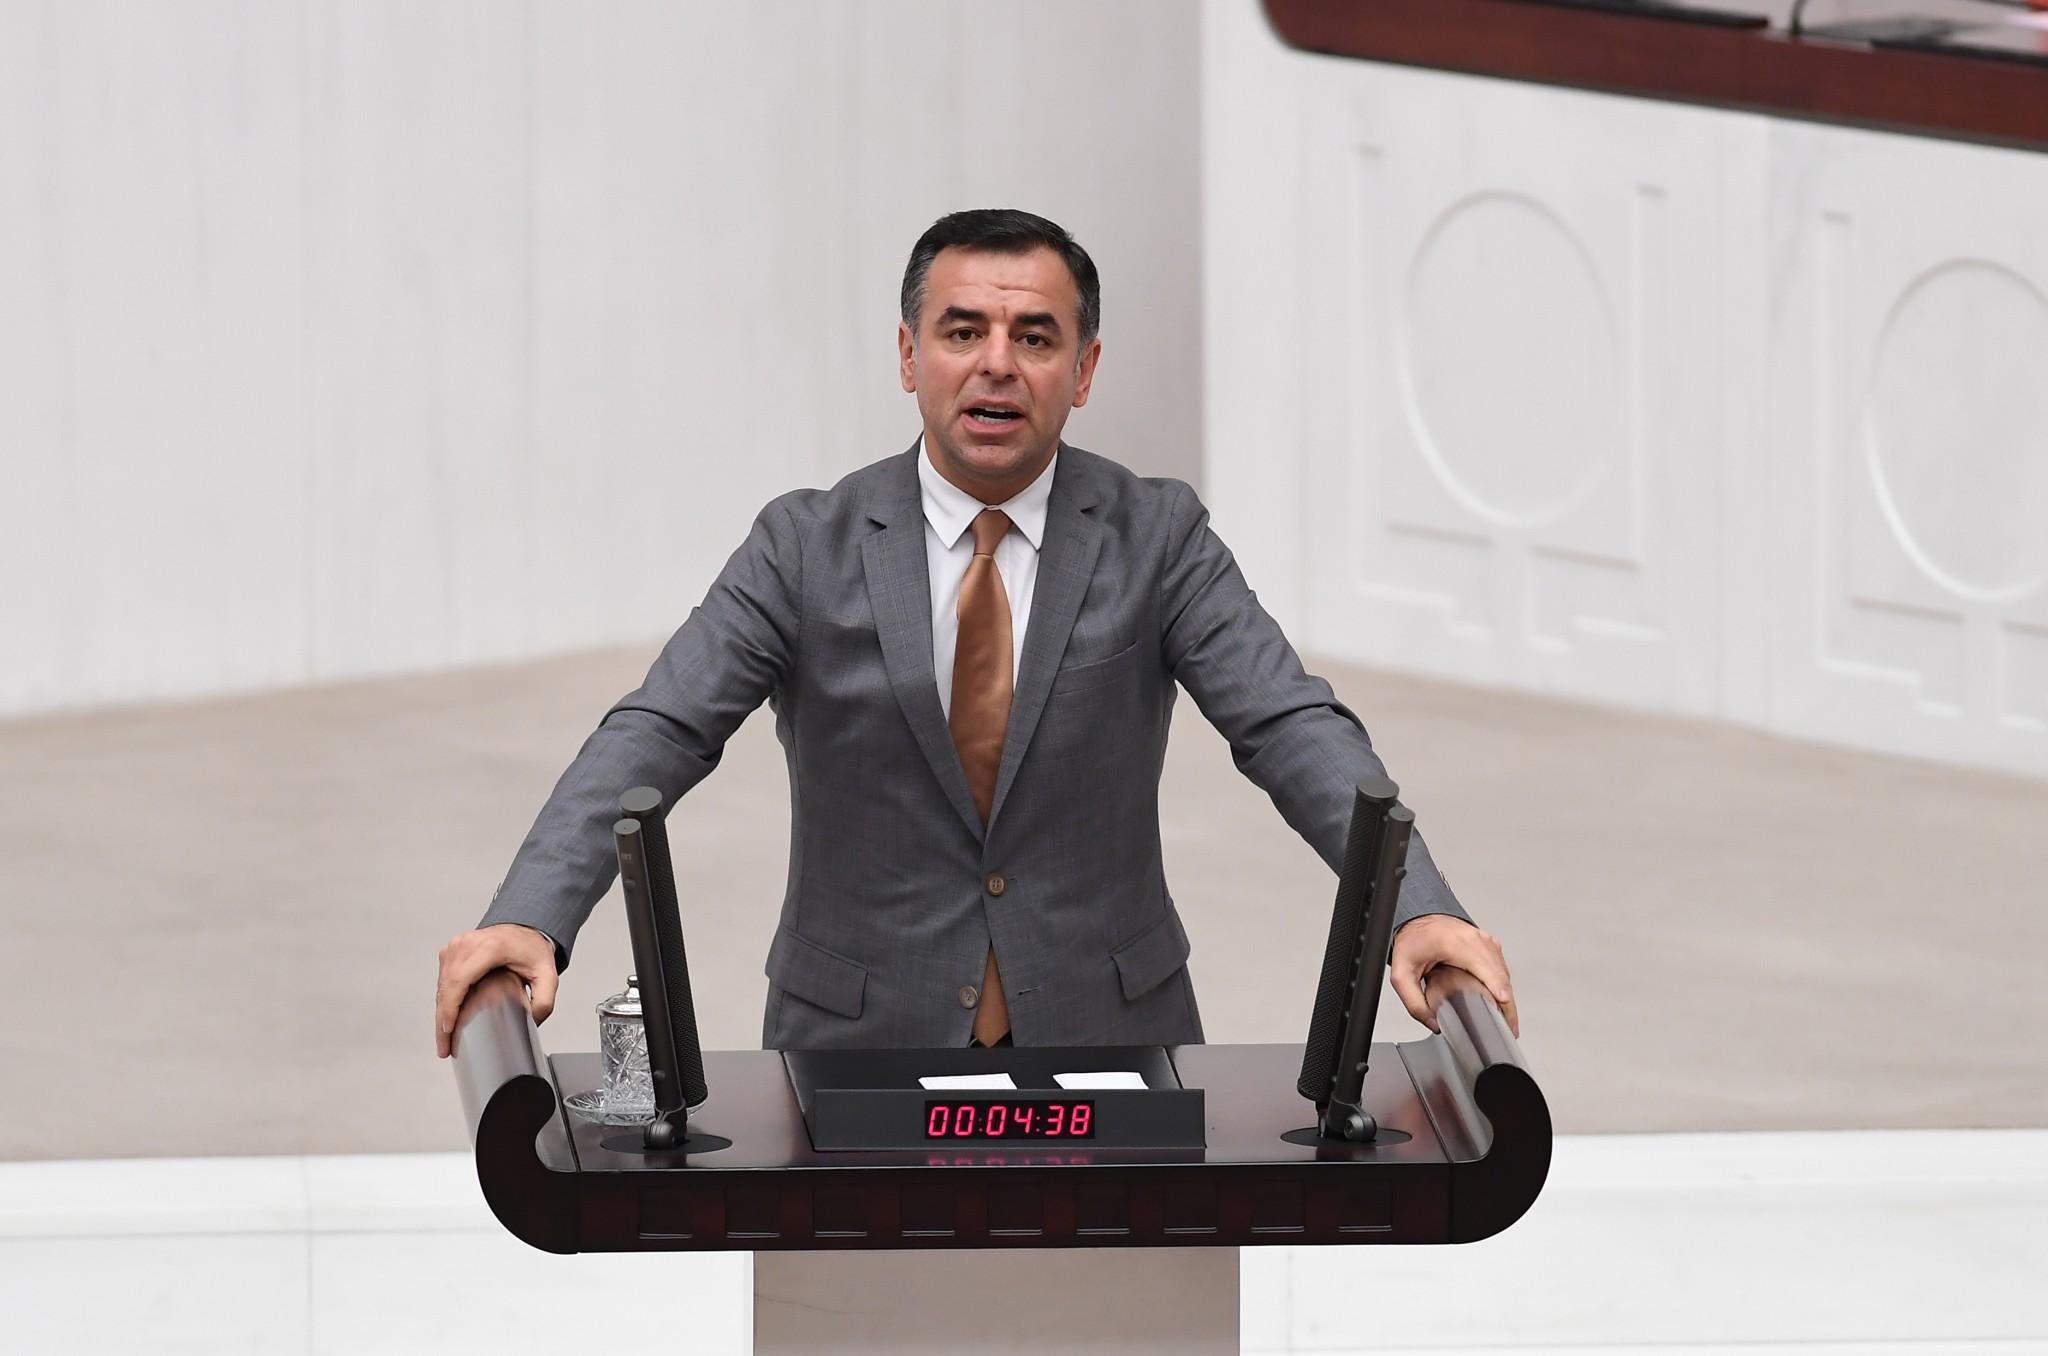 CHP İstanbul Milletvekili Yarkadaş'tan Cumhurbaşkanı adayı açıklaması